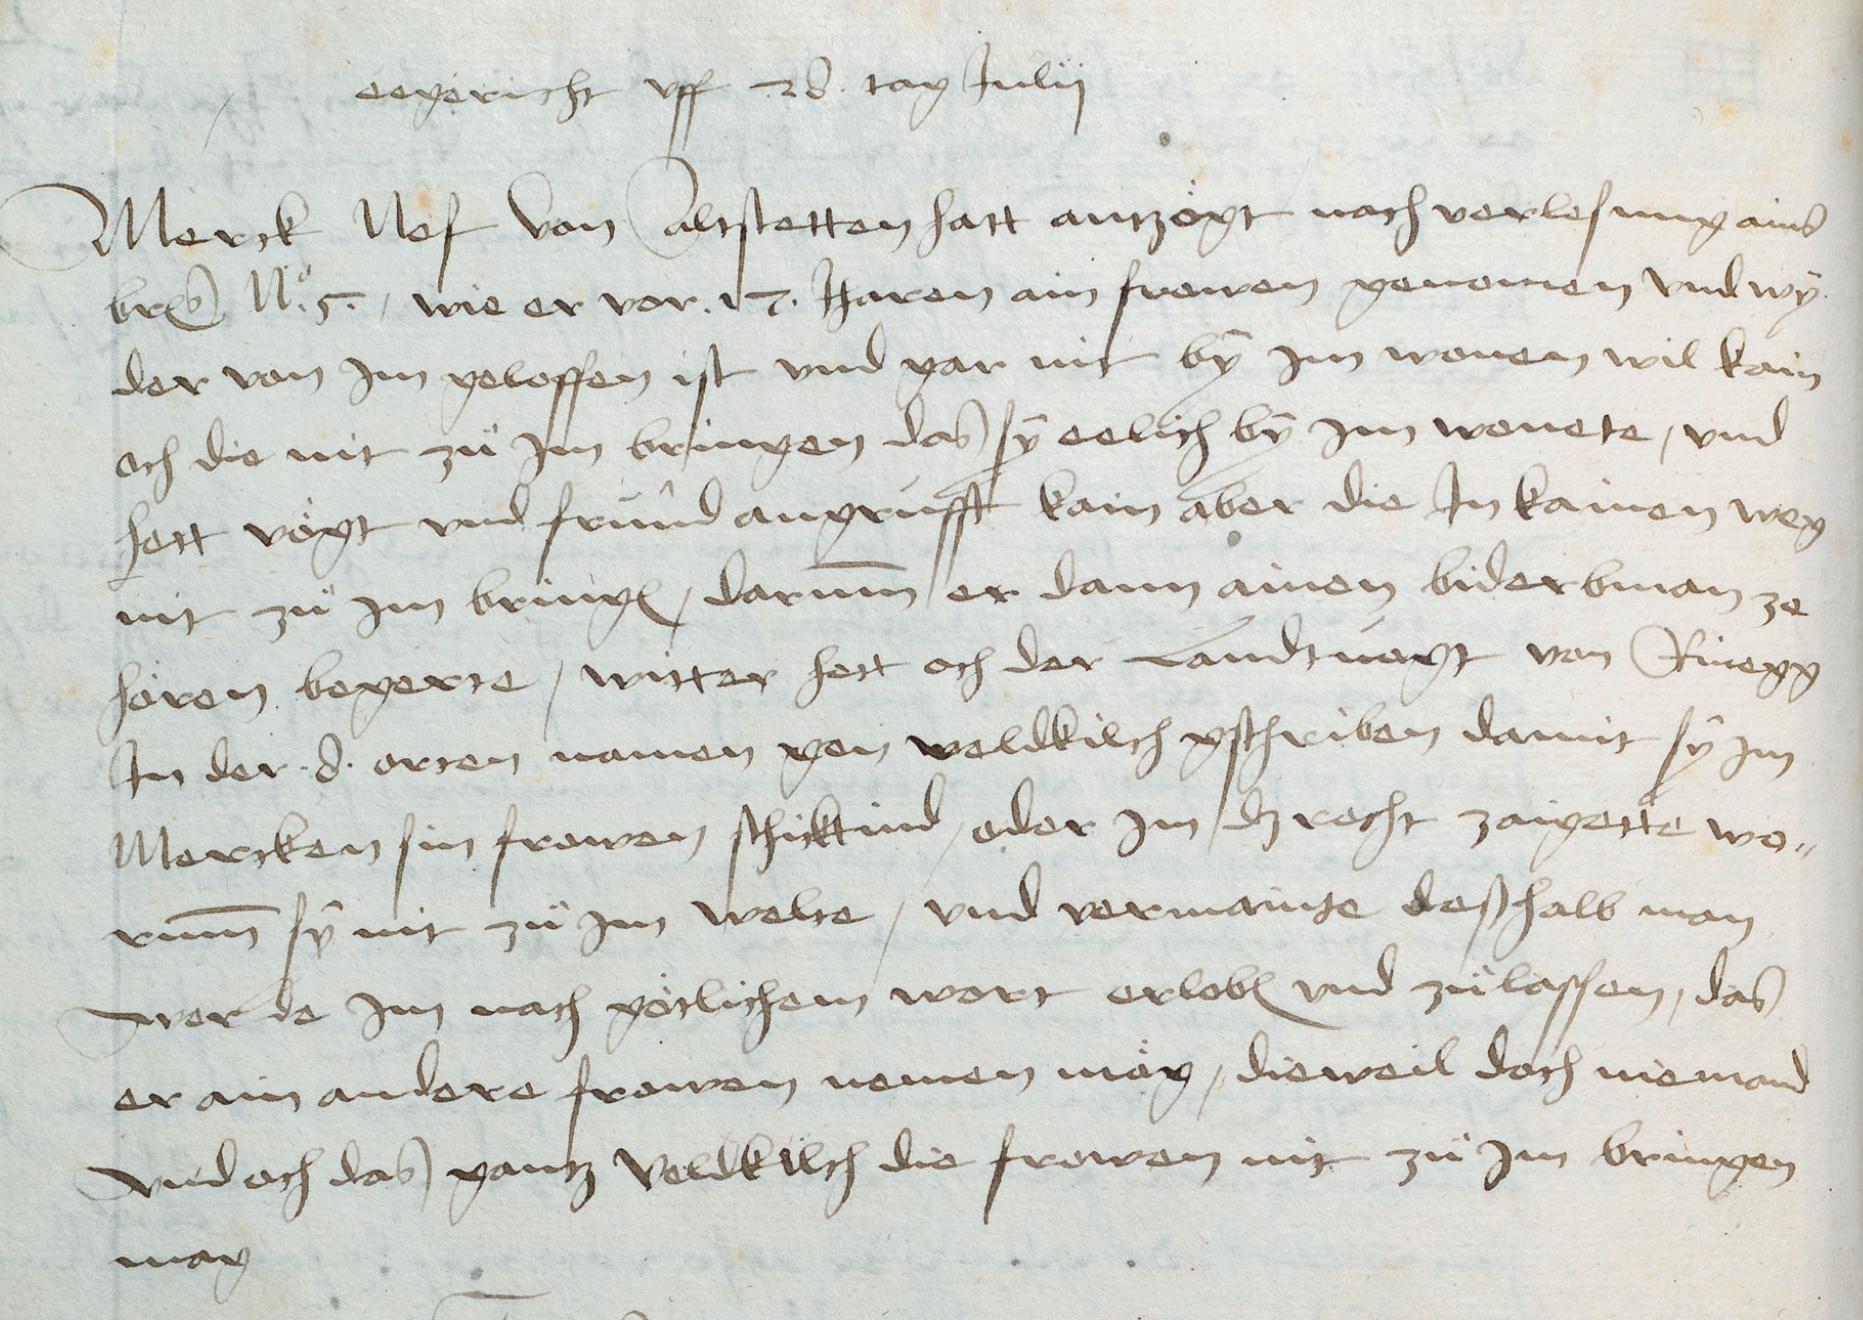 Scheidung in der reformierten Stadt. Das erste Ehegerichtsprotokoll aus St. Gallen